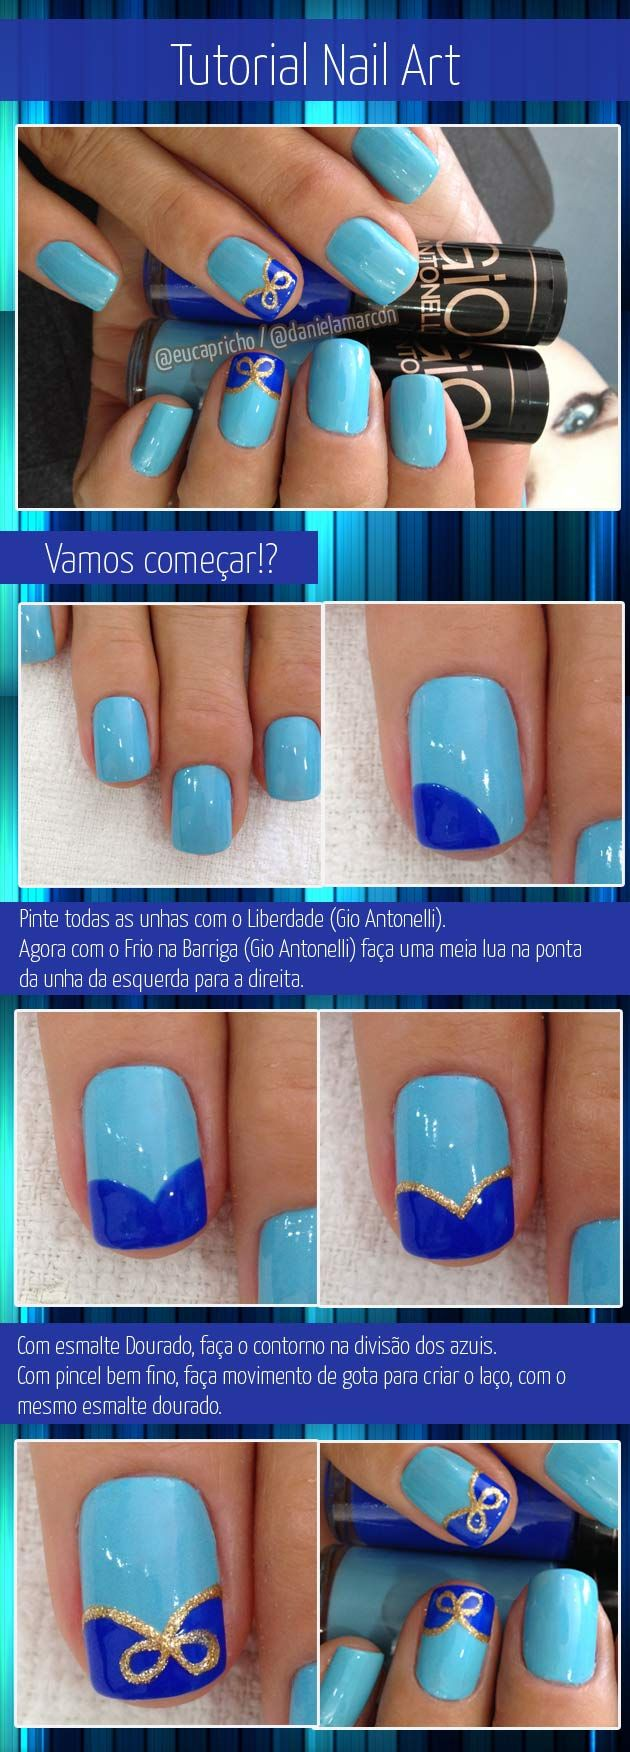 Nail art / unha decorada com esmalte azul, lindo e romântico